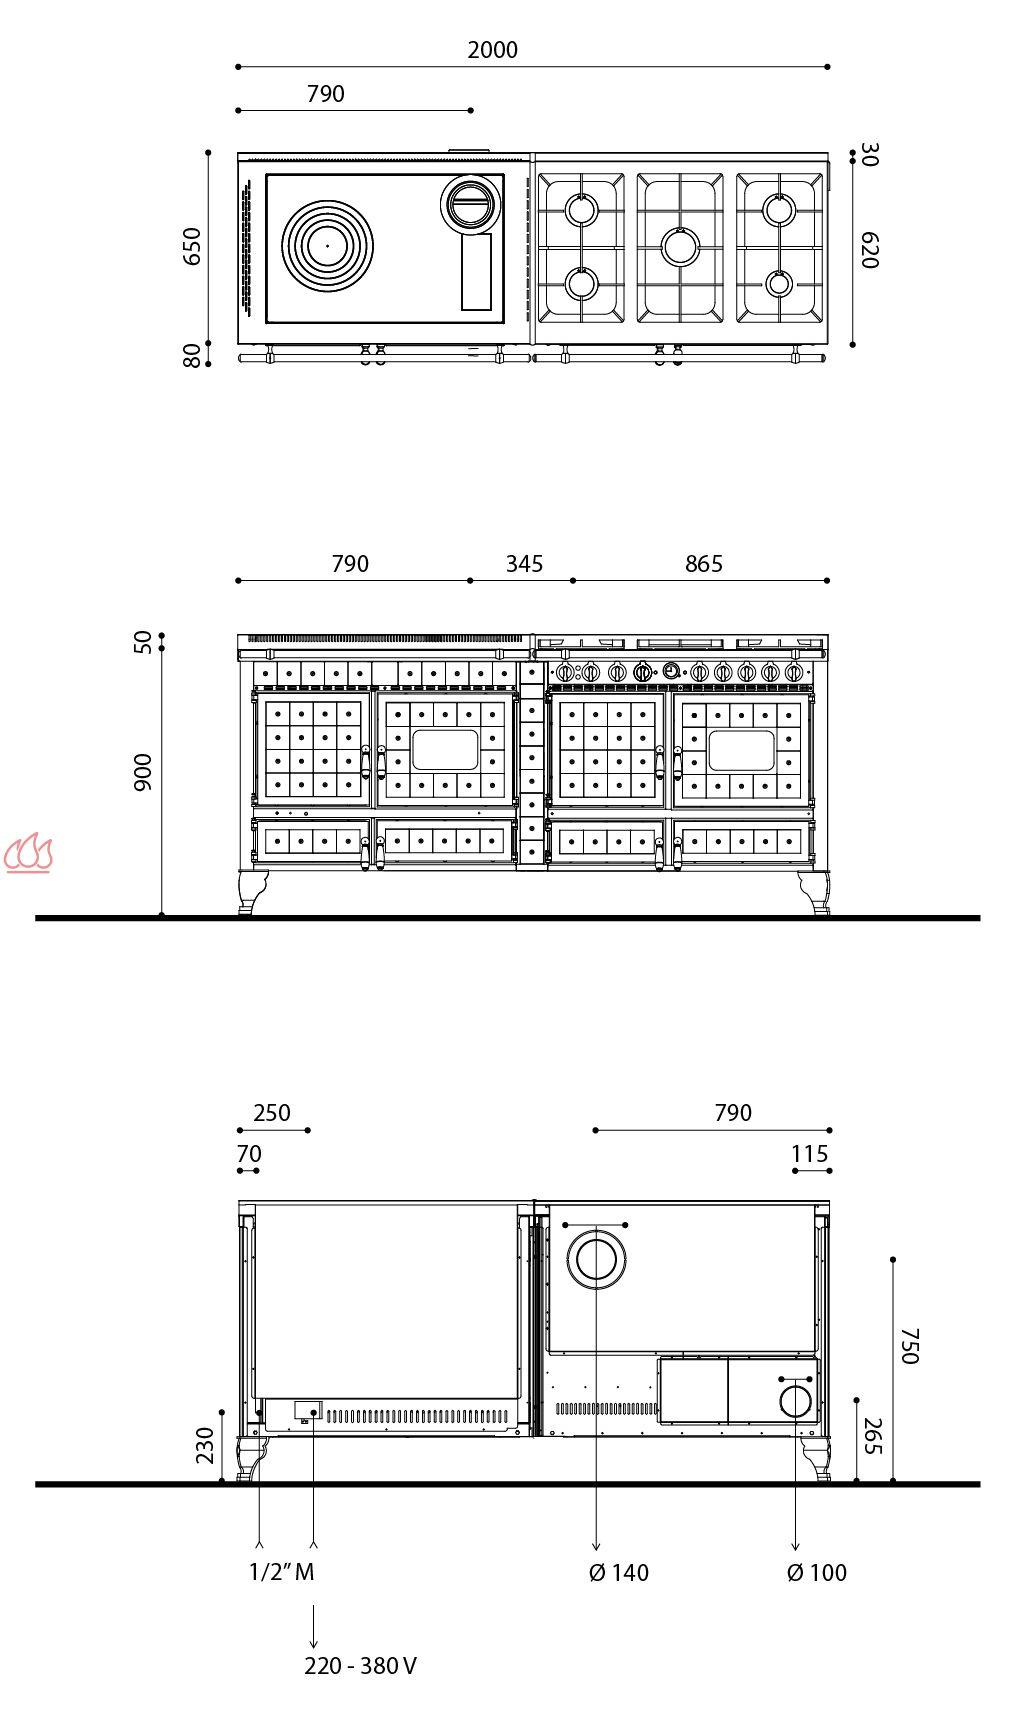 Piano de cuisson bois gaz et lectrique 200cm avec 3 fours et plaque de cui - Piano de cuisson 3 fours ...